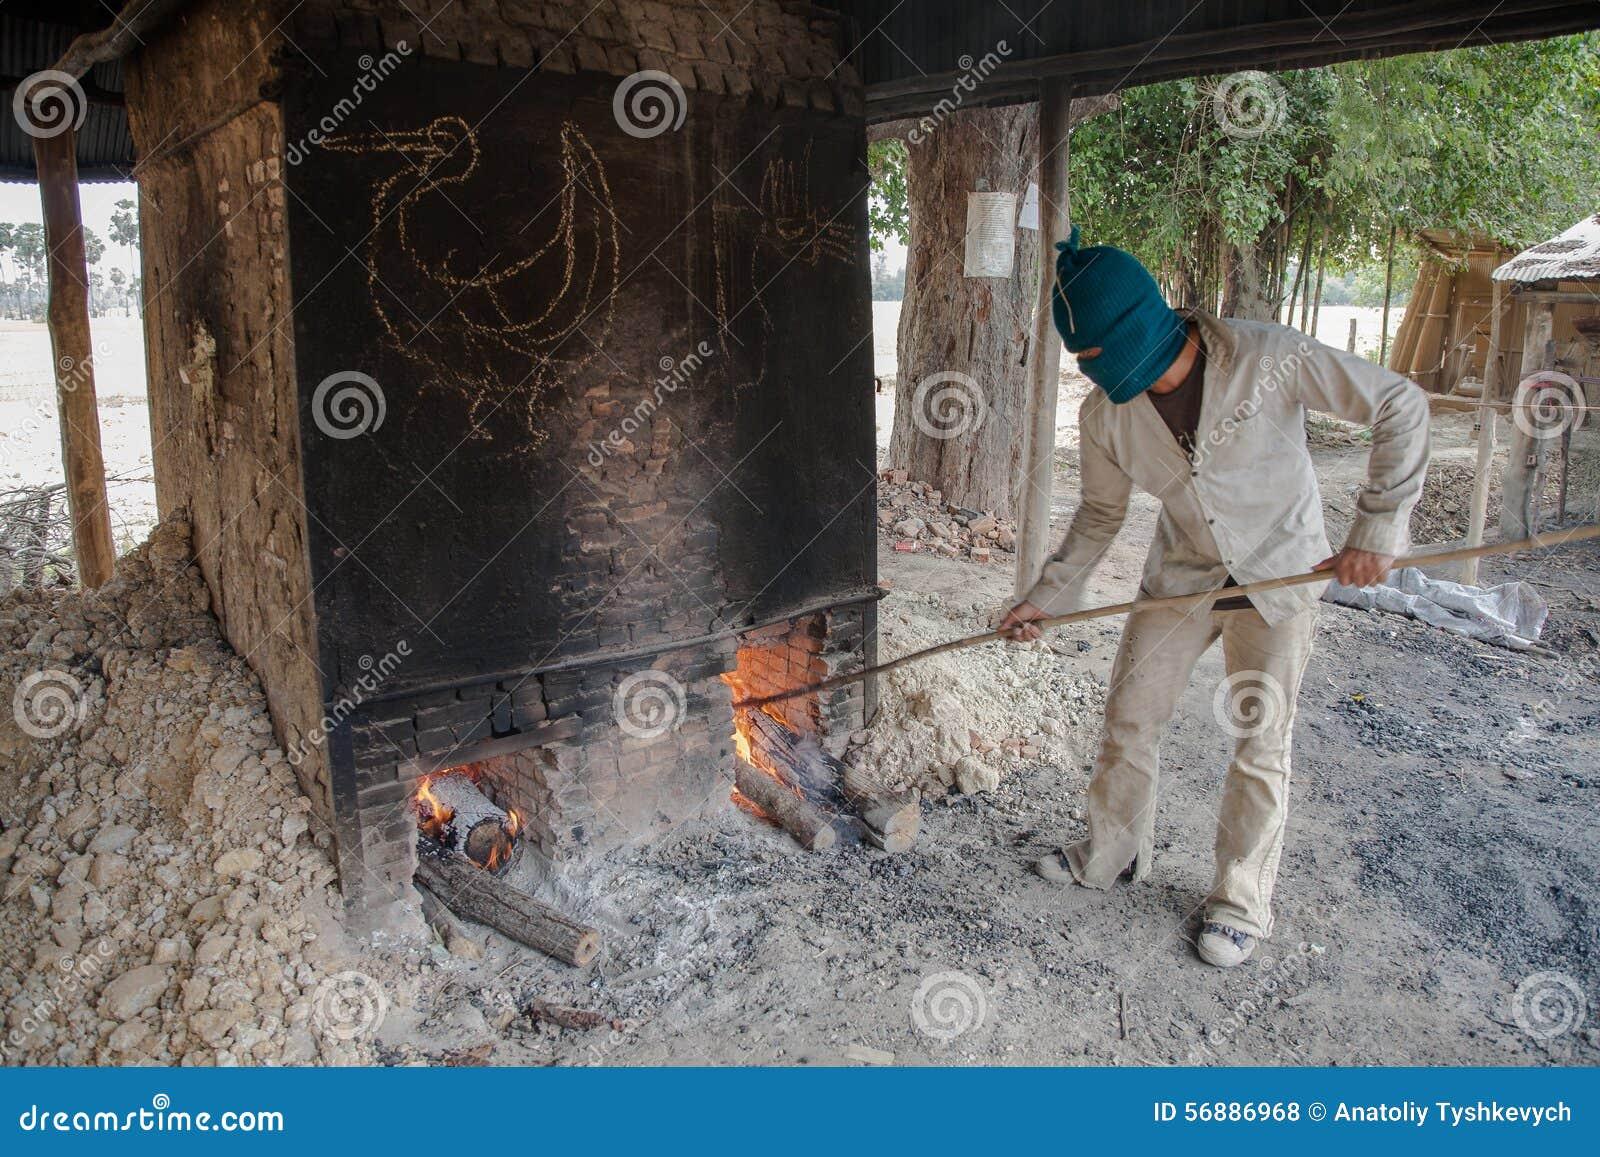 Il ragazzo anziano annega, fuligginoso, forno disponendo il legno e corregge il fuoco